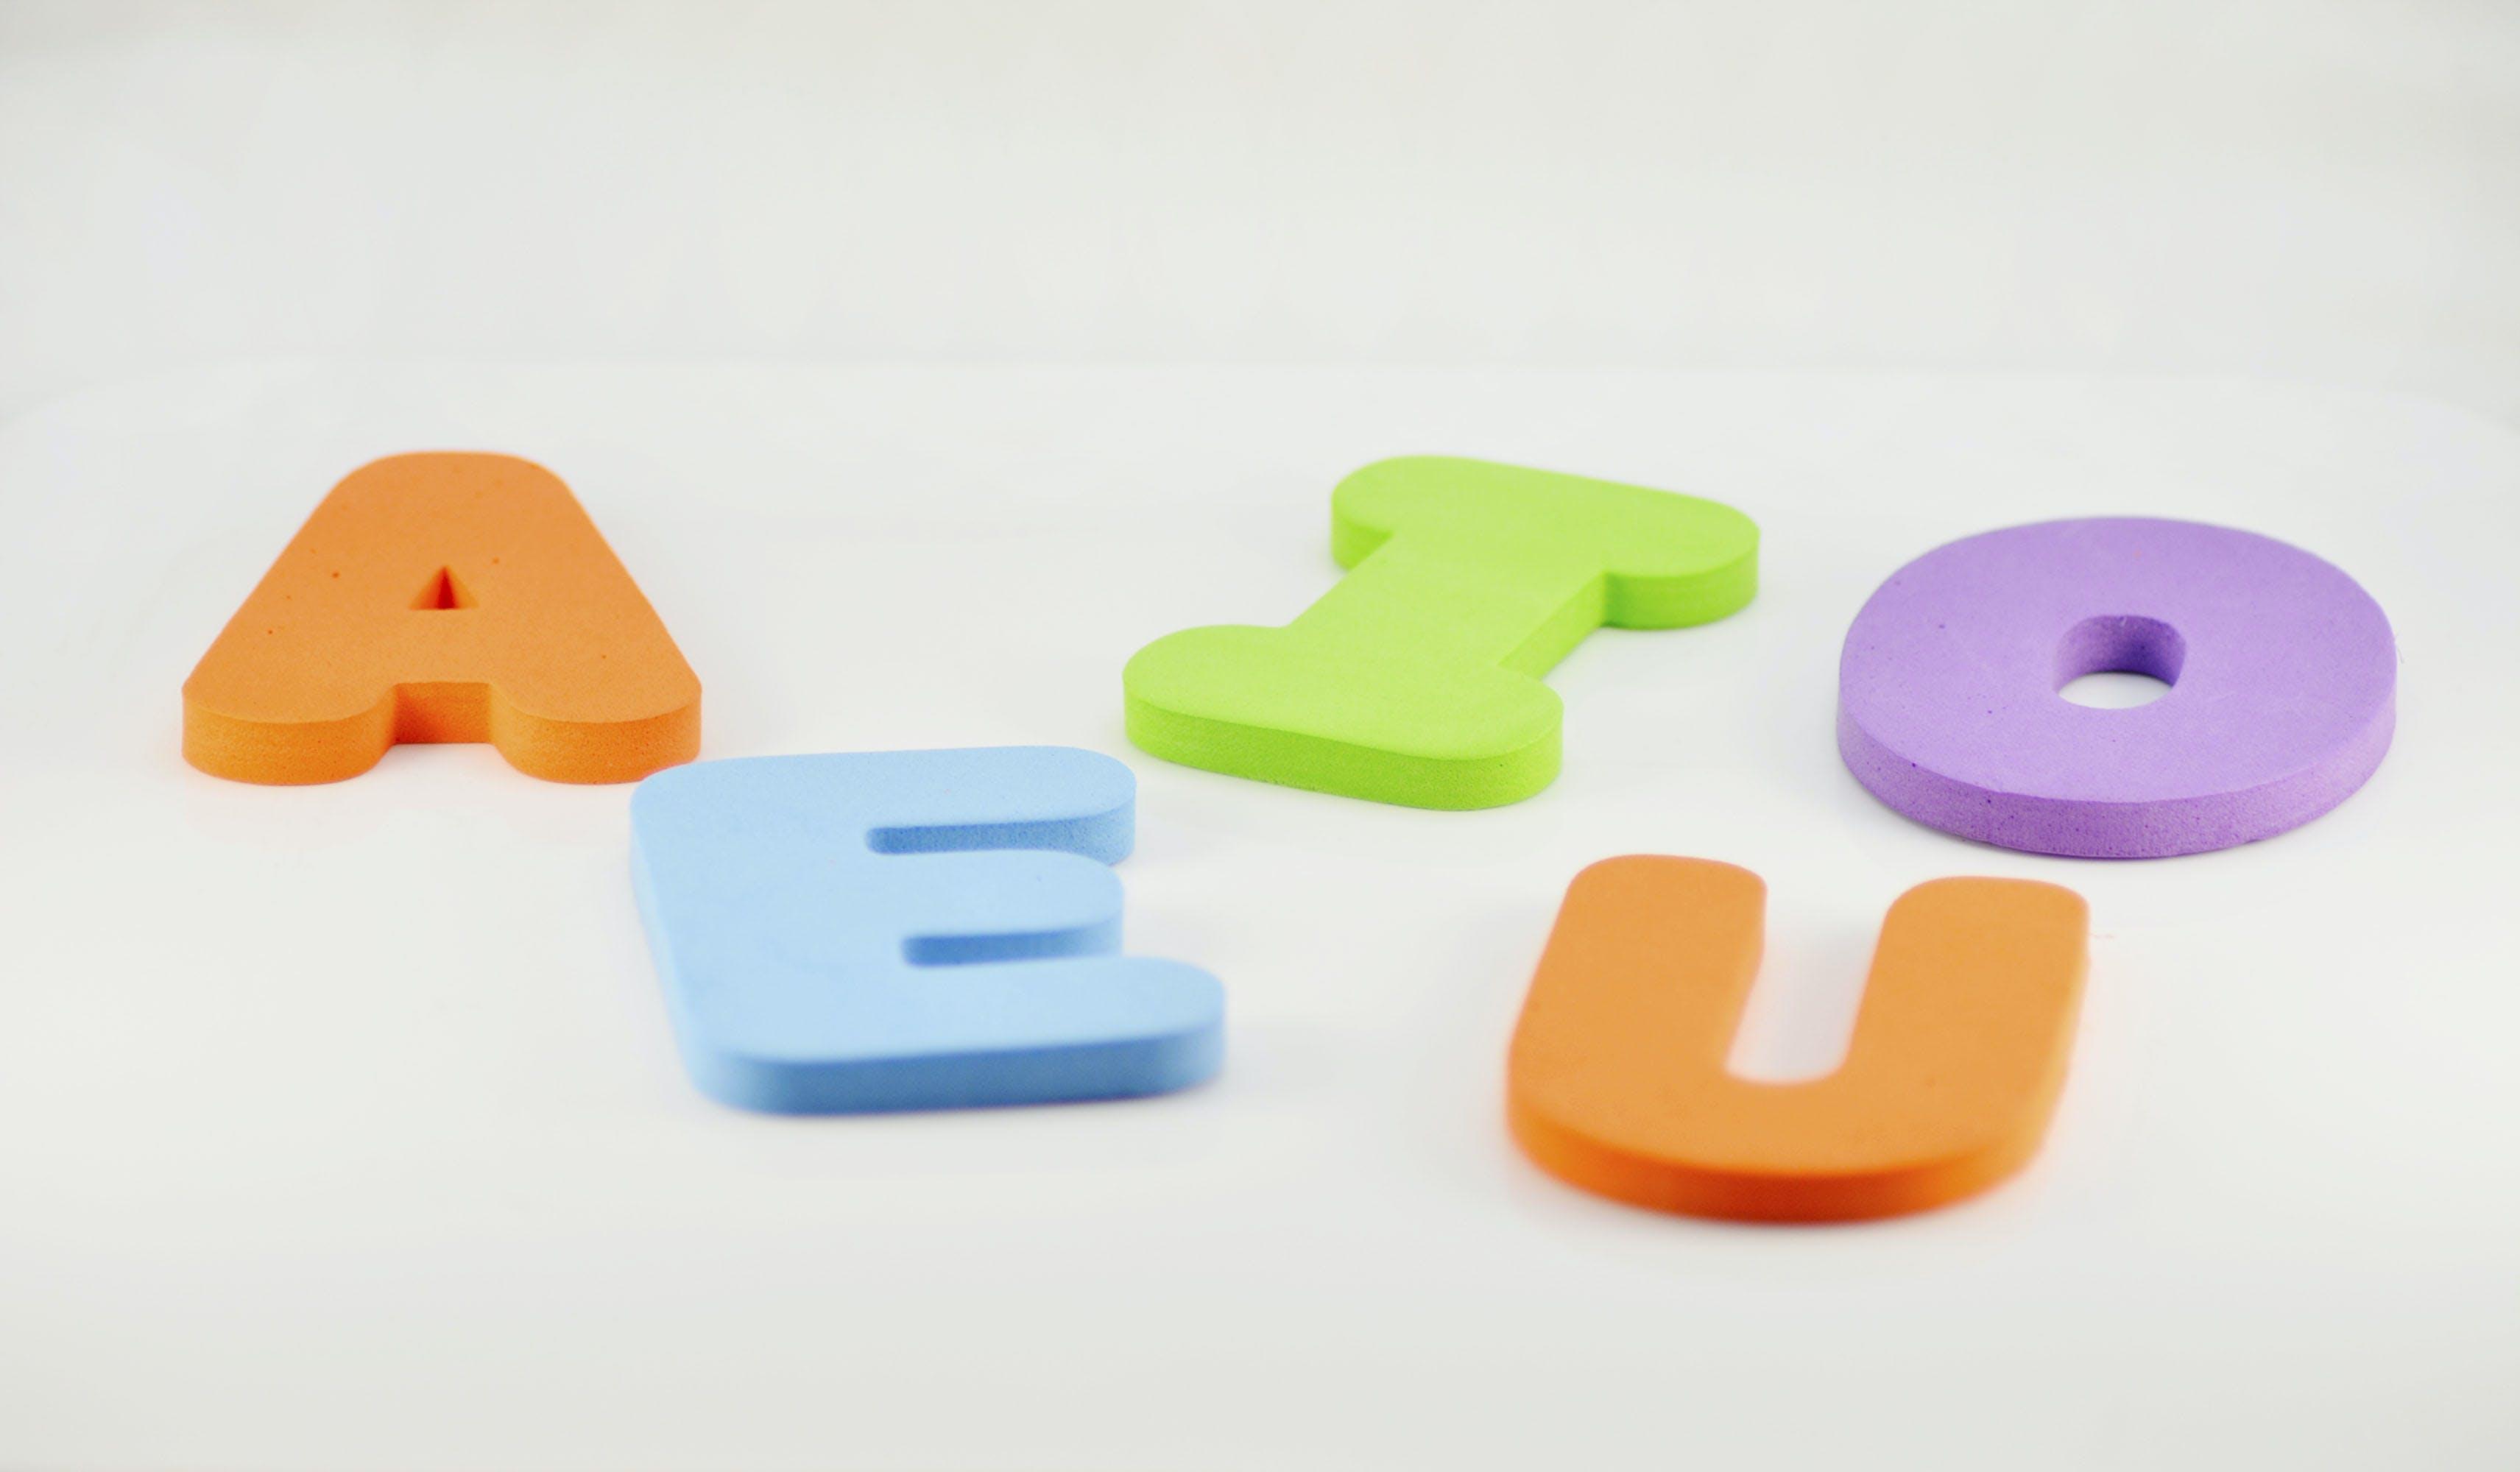 Gratis lagerfoto af abcs, aeiou, farve bogstaver, hvid baggrund